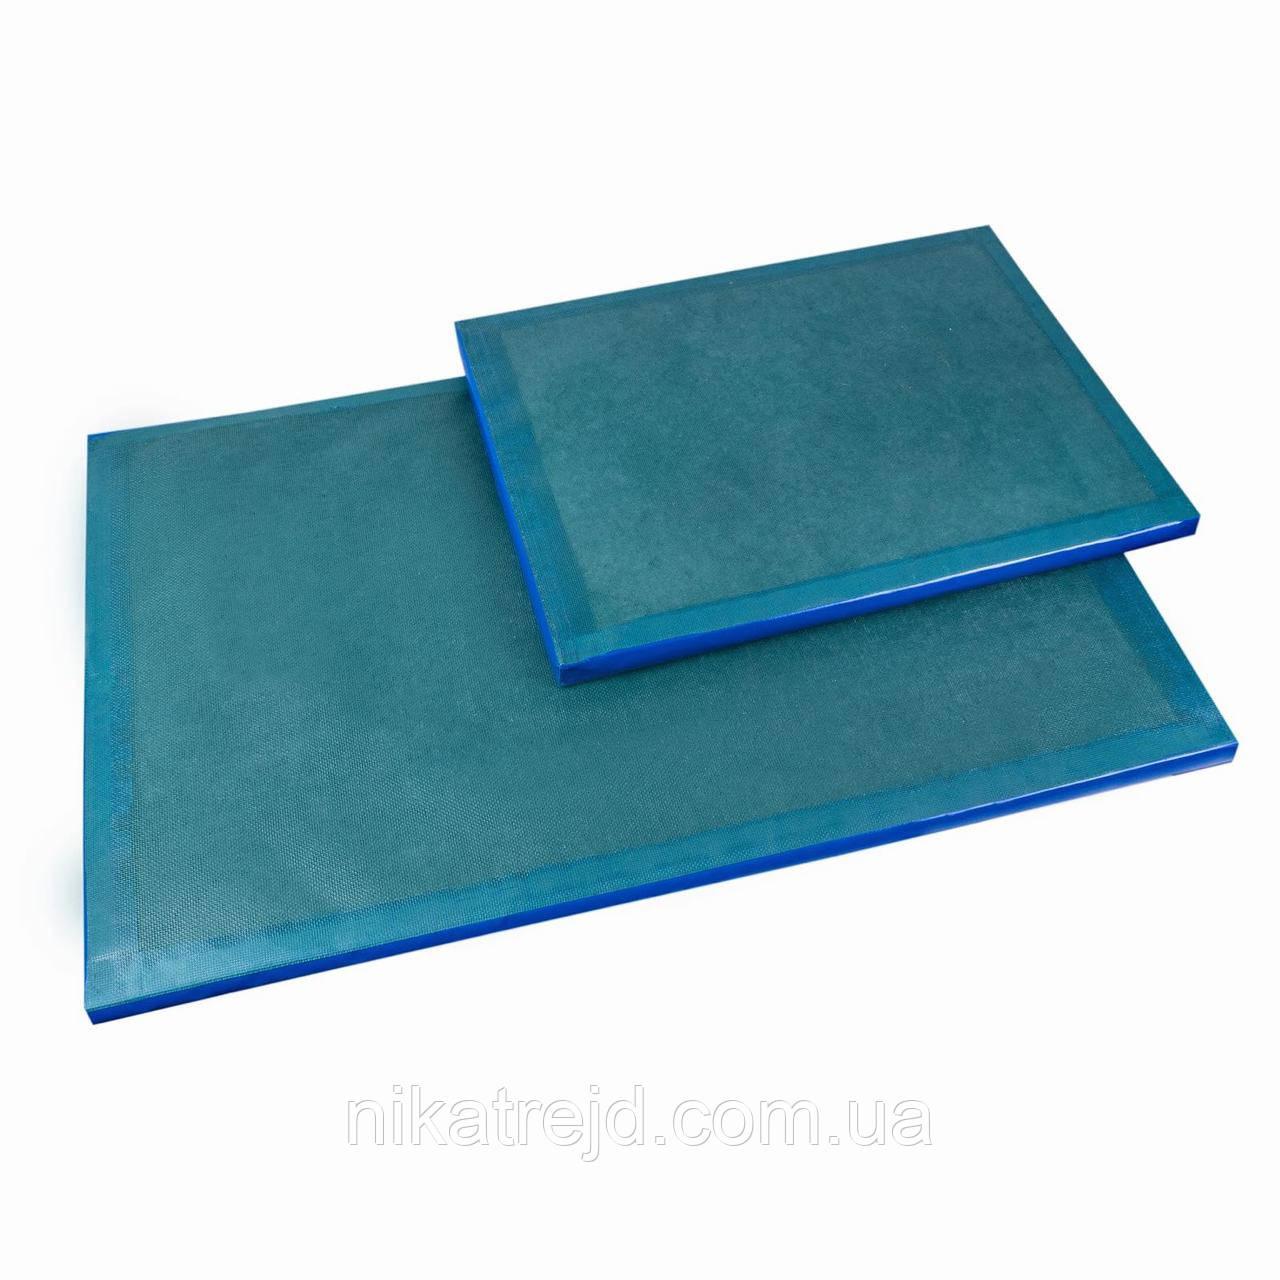 Медичний дезенфекційний килимок 100х100х4см